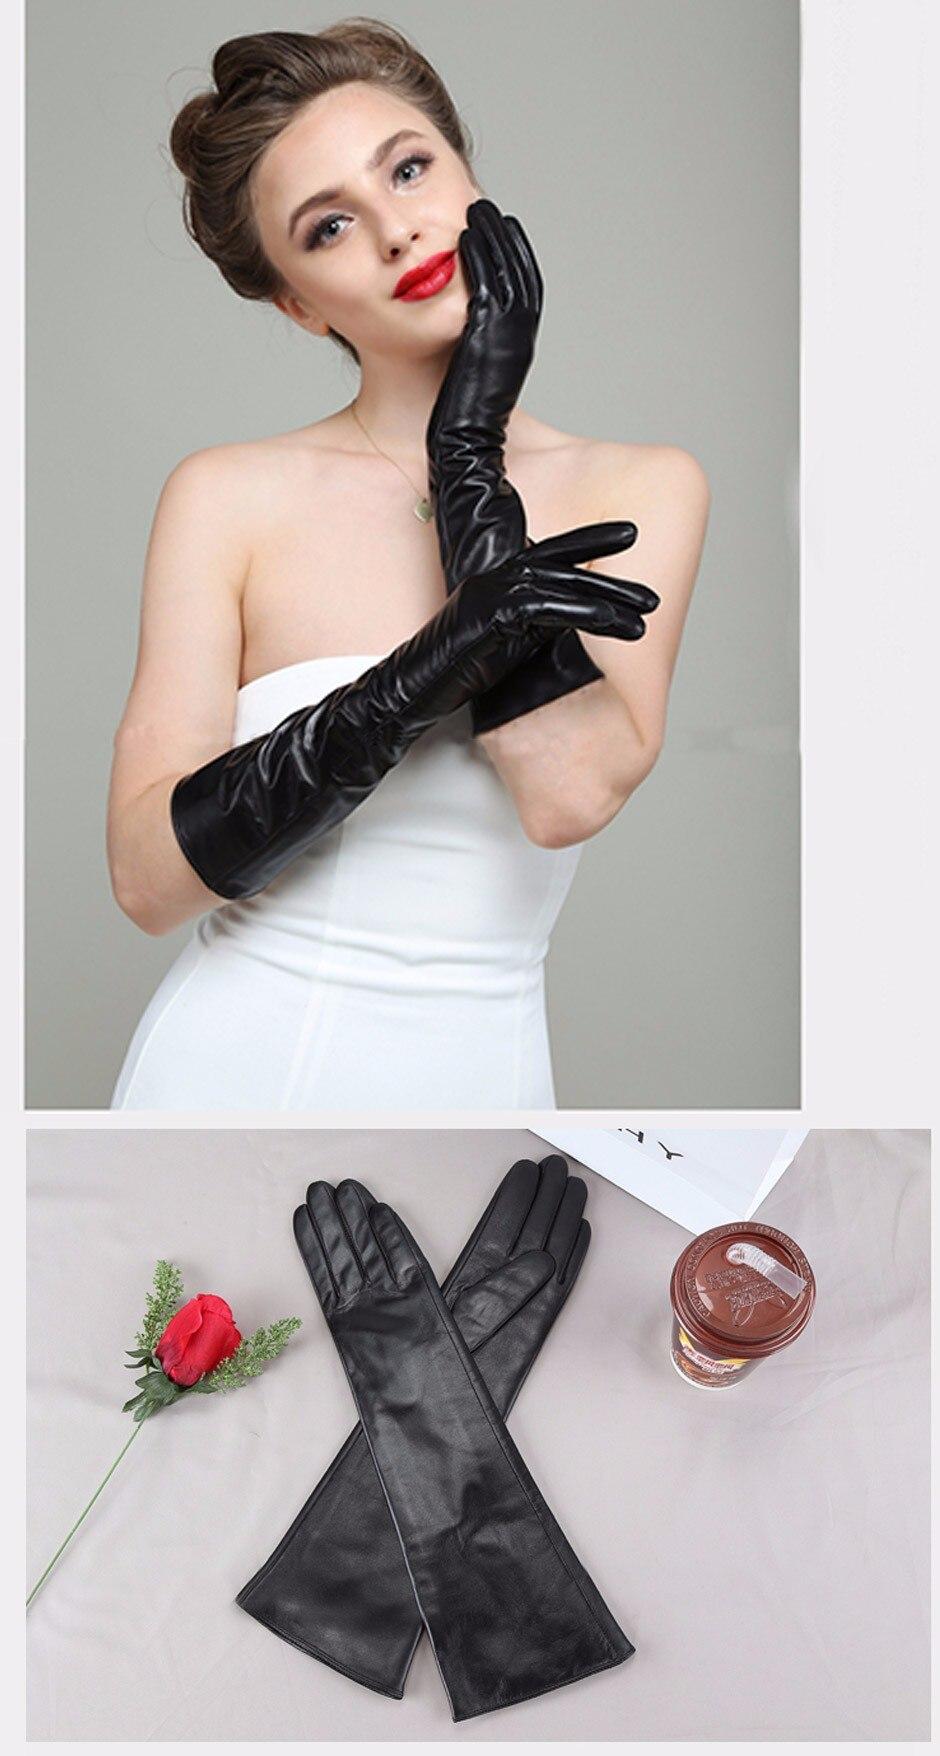 f2c2a6f0d34fa HTB1ufMmNpXXXXcaXVXXq6xXFXXXL New 2018 Women Fashion Gloves Black Long  Leather Gloves 40cm   50cm Women s Mittens Winter